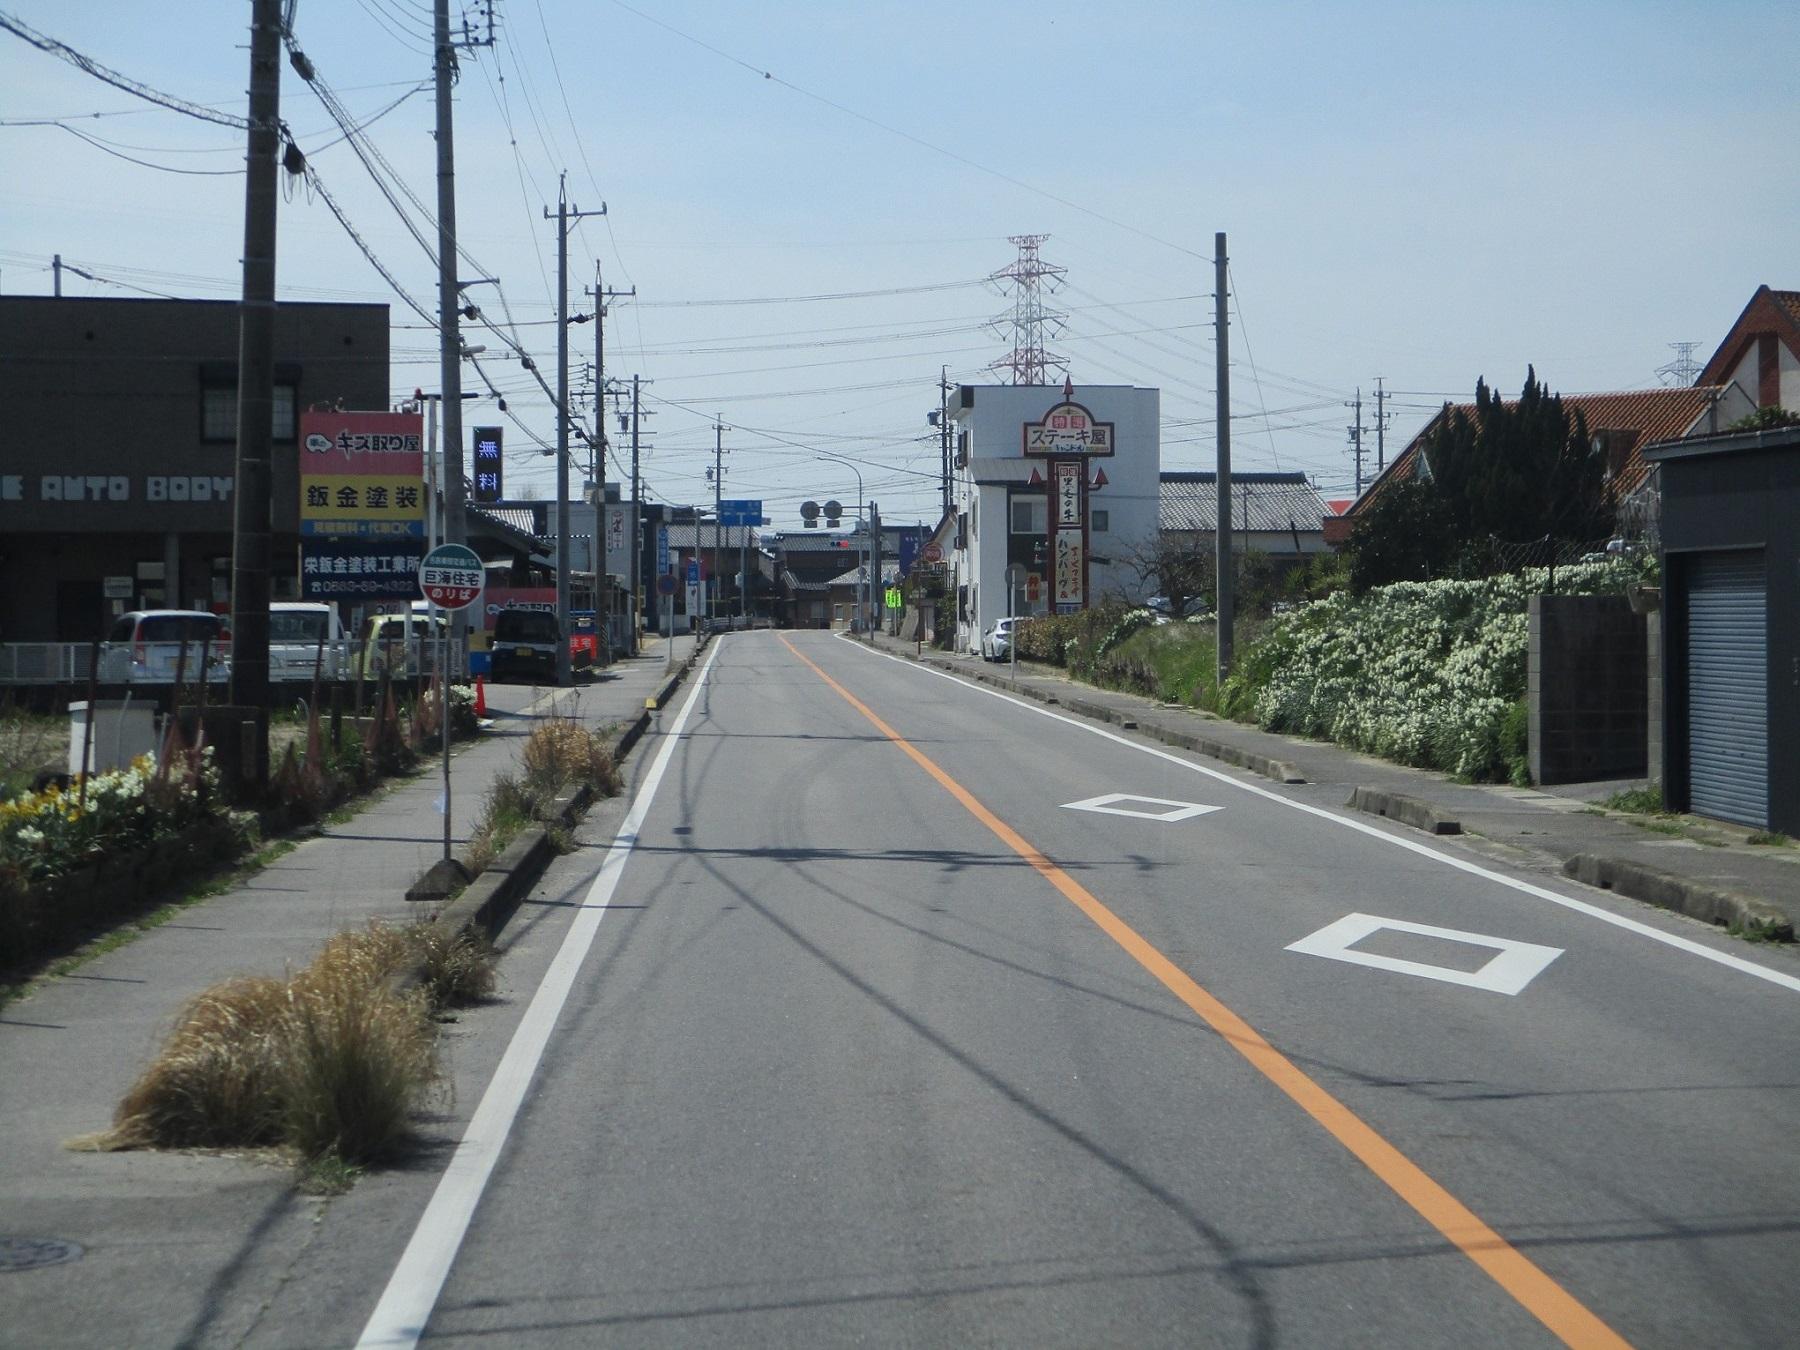 2020.3.13 (49) 寺津・刈宿循環バス - 巨海住宅バス停 1800-1350